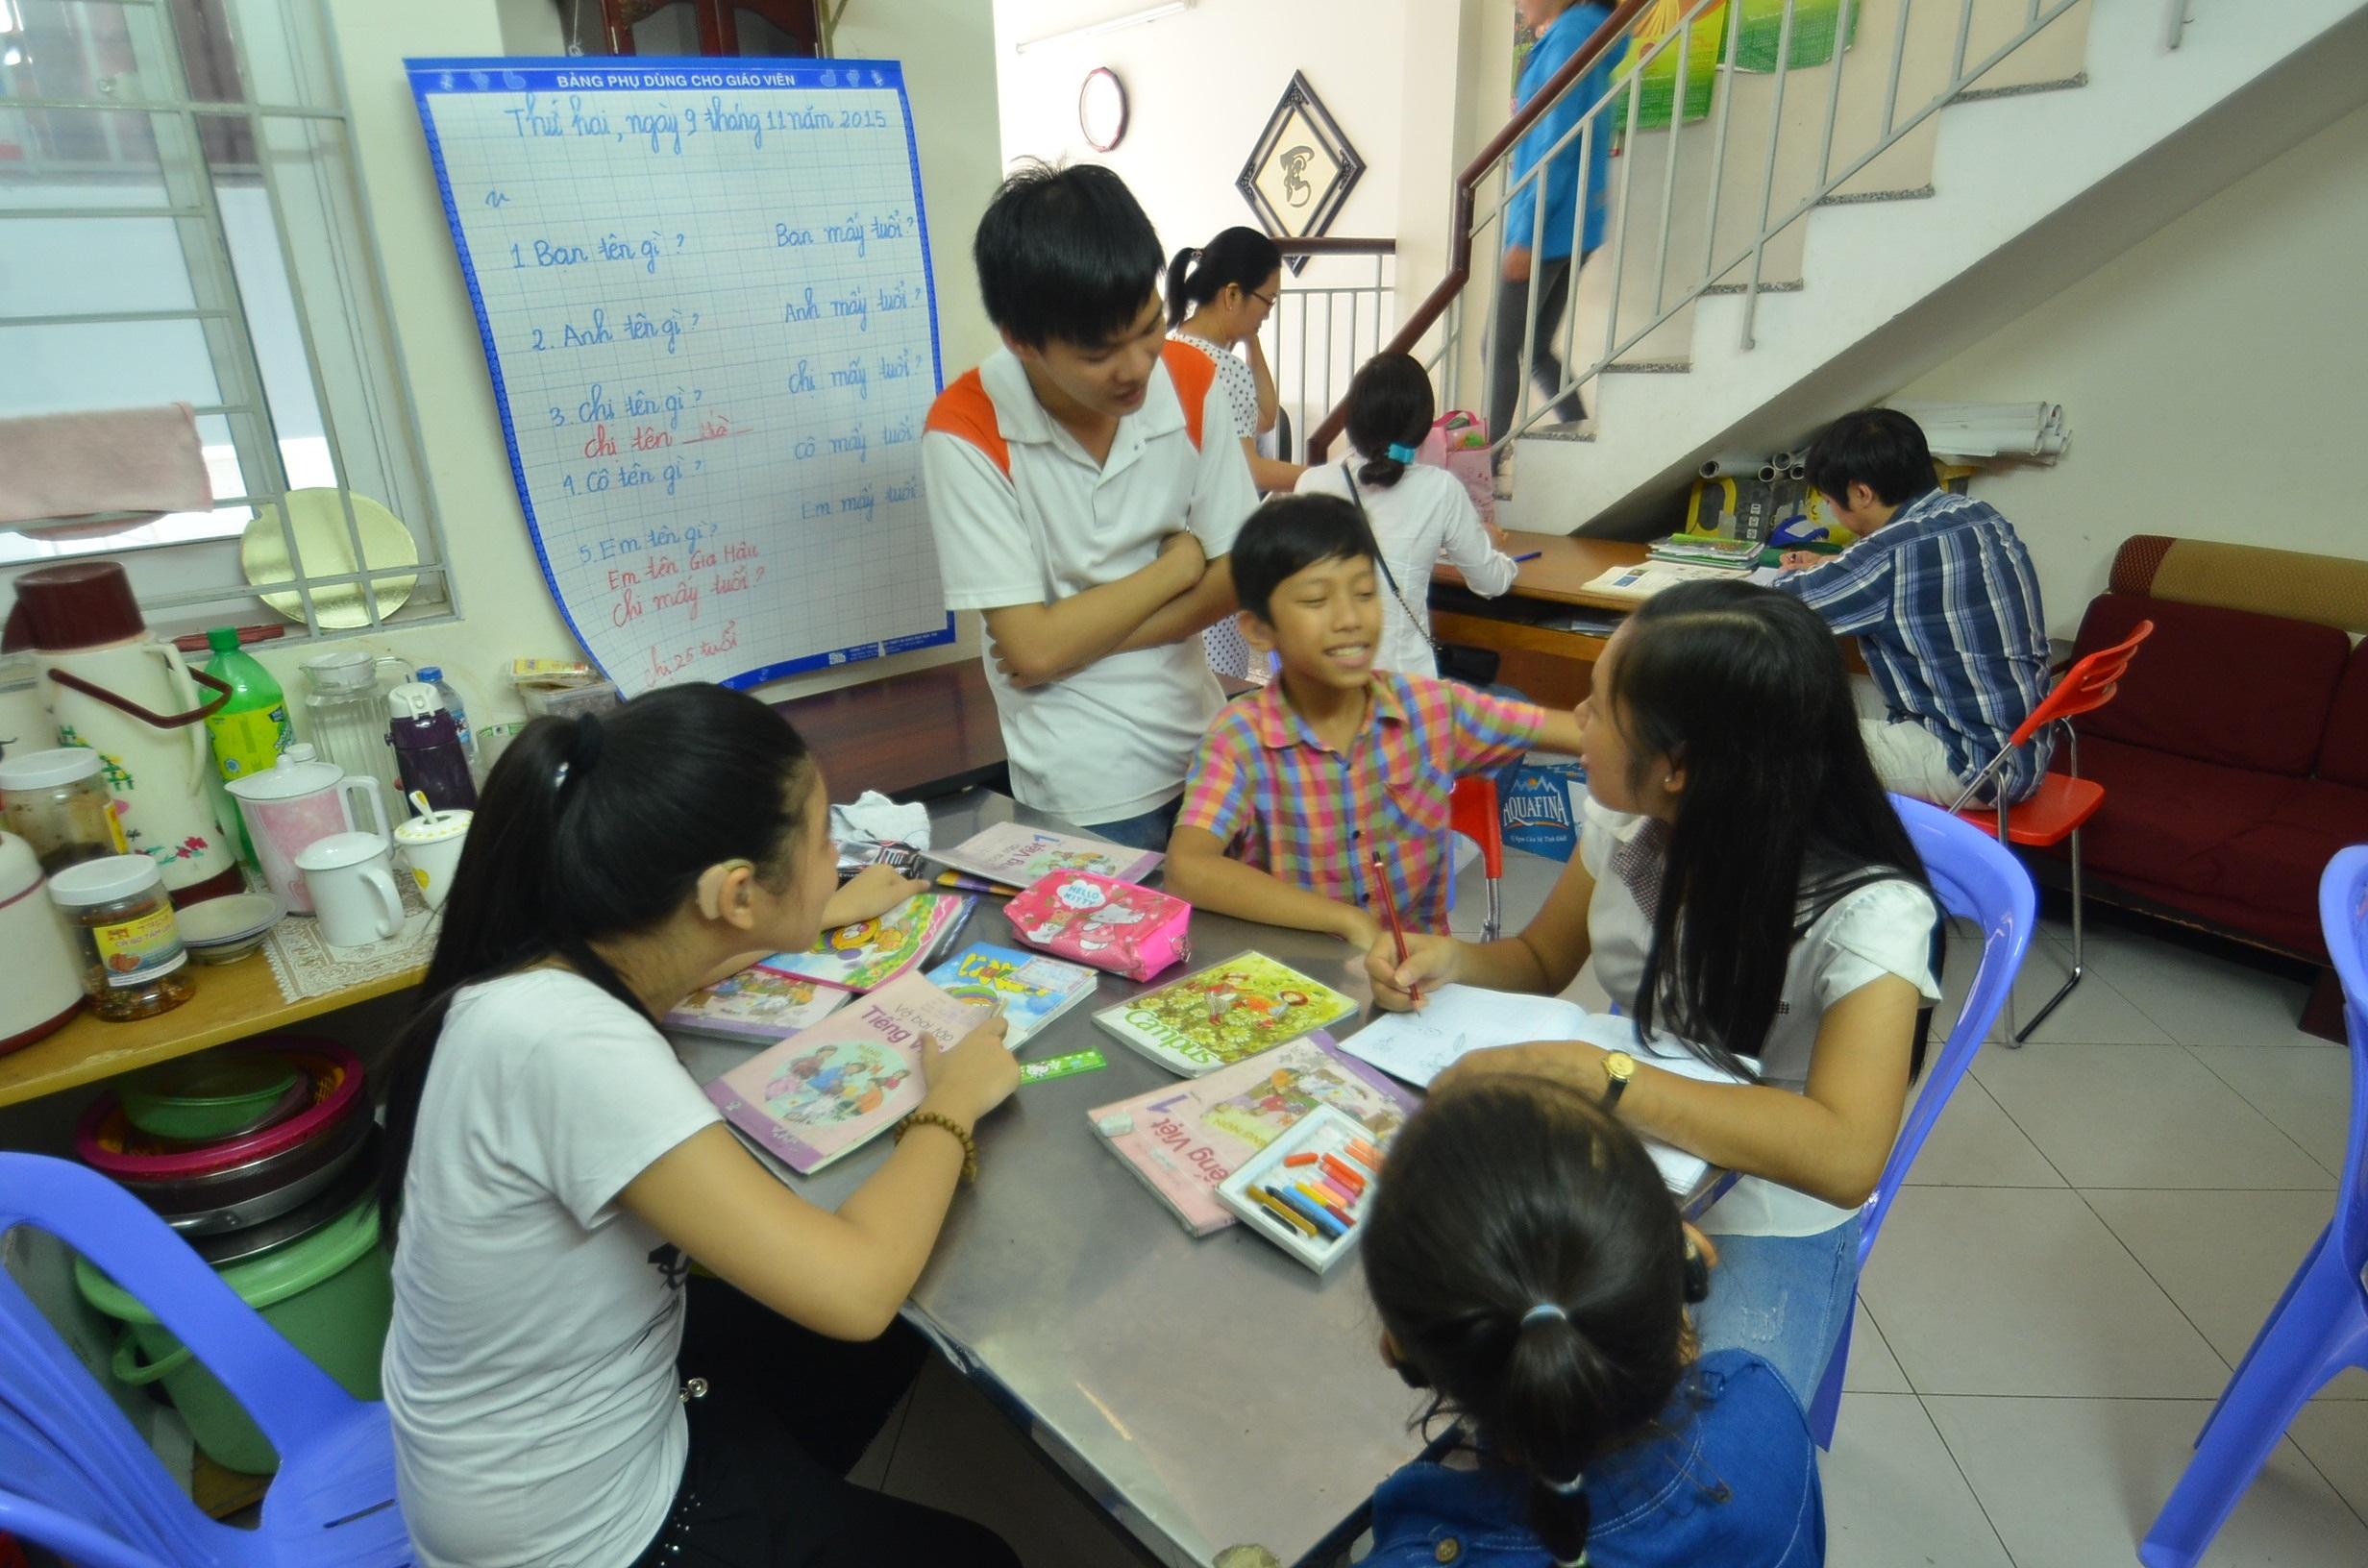 Tại CED hiện có 2 dịch vụ: dạy trẻ khiếm thính tập nói và dạy người khiếm thính học tiếng Anh